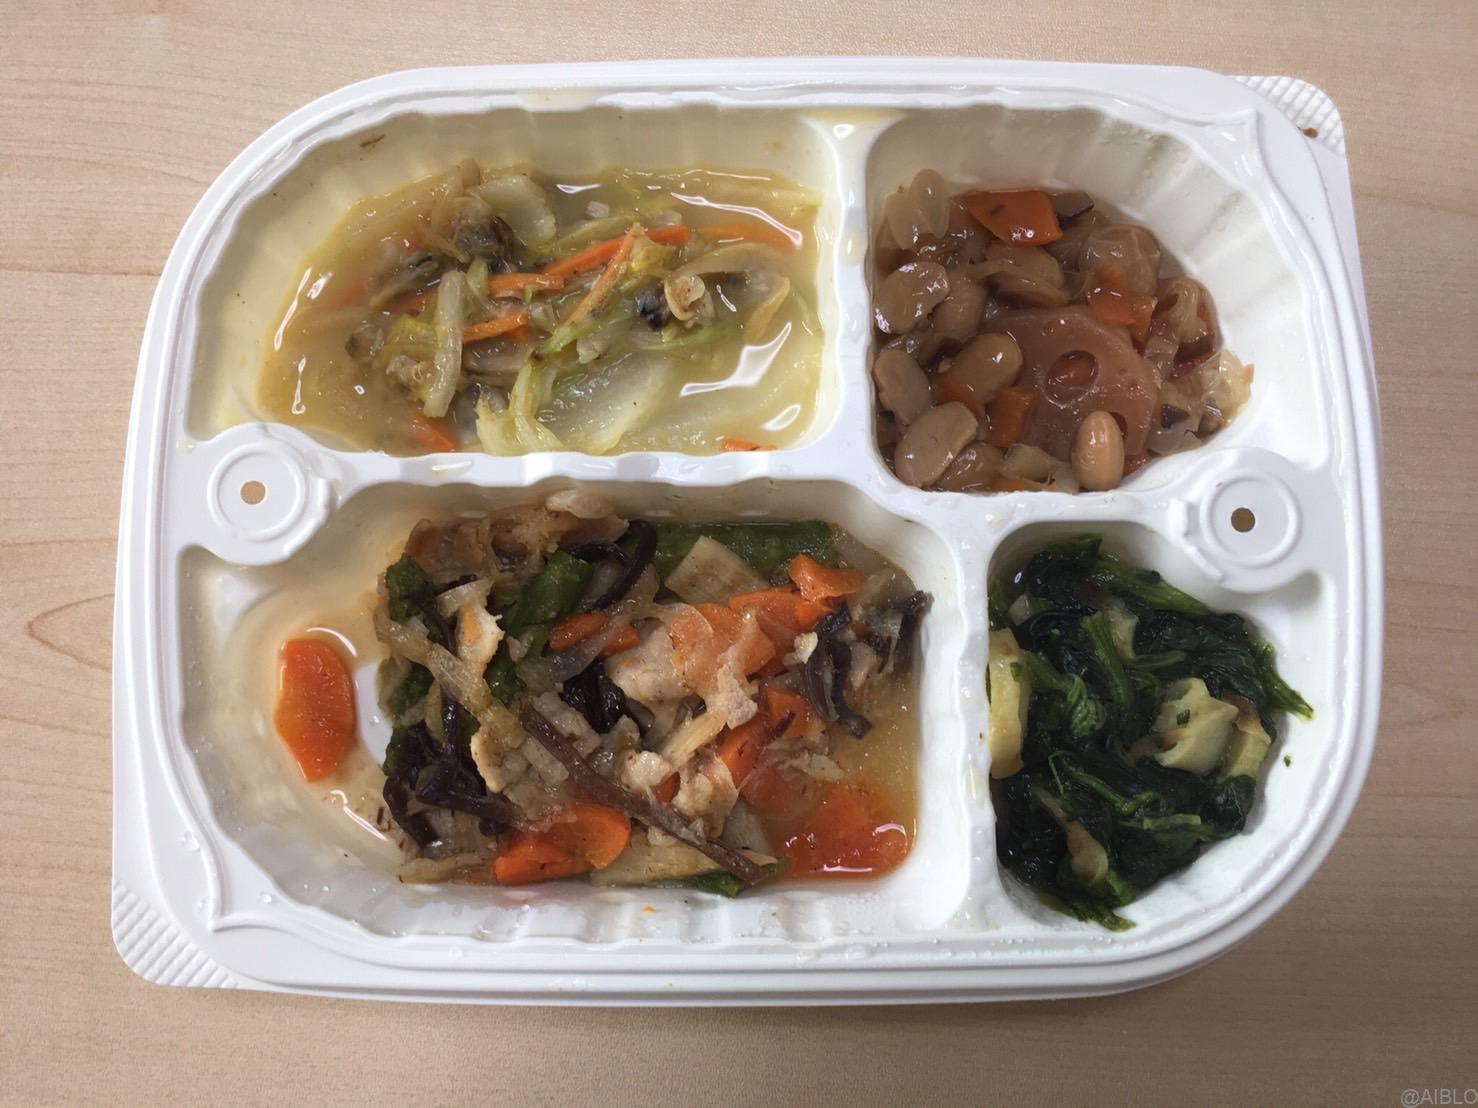 ウェルネスダイニング 豚肉とアスパラのピリ辛炒め弁当